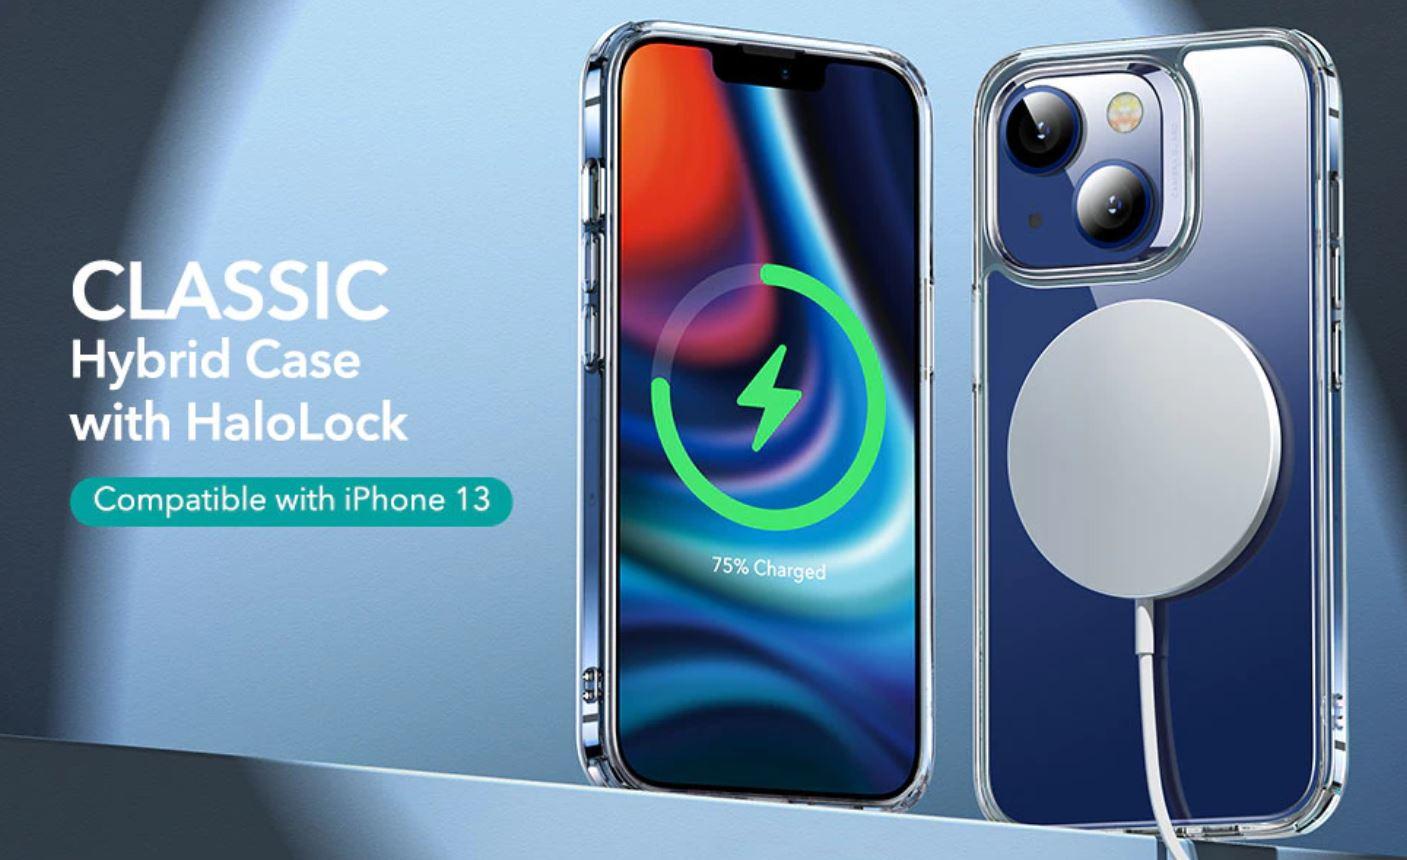 Akcesoria do iPhone 13 z AliExpress - zaoszczędzisz nawet kilkadziesiąt złotych - etui silikonowe ESR kompatybilne z MagSafe